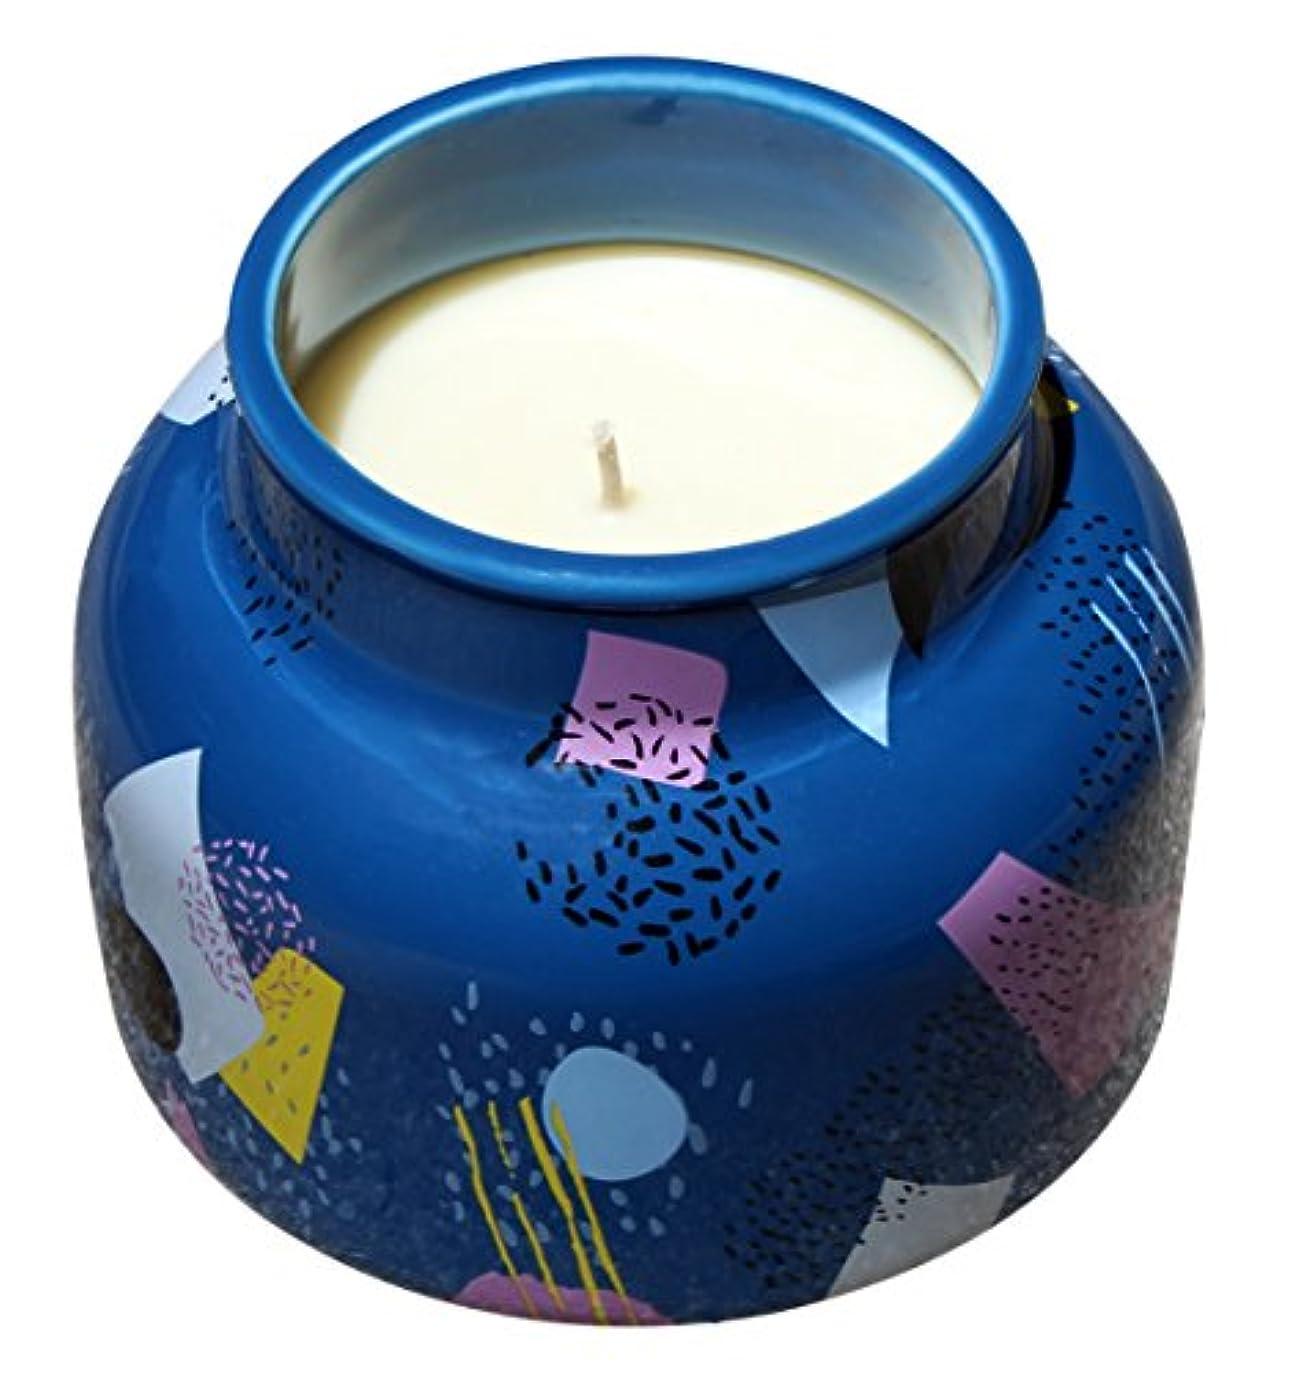 グラディスクローゼットファイルカプリブルー19オンスScented Candleカラフルセラミック燃焼時間60時間、Volcano